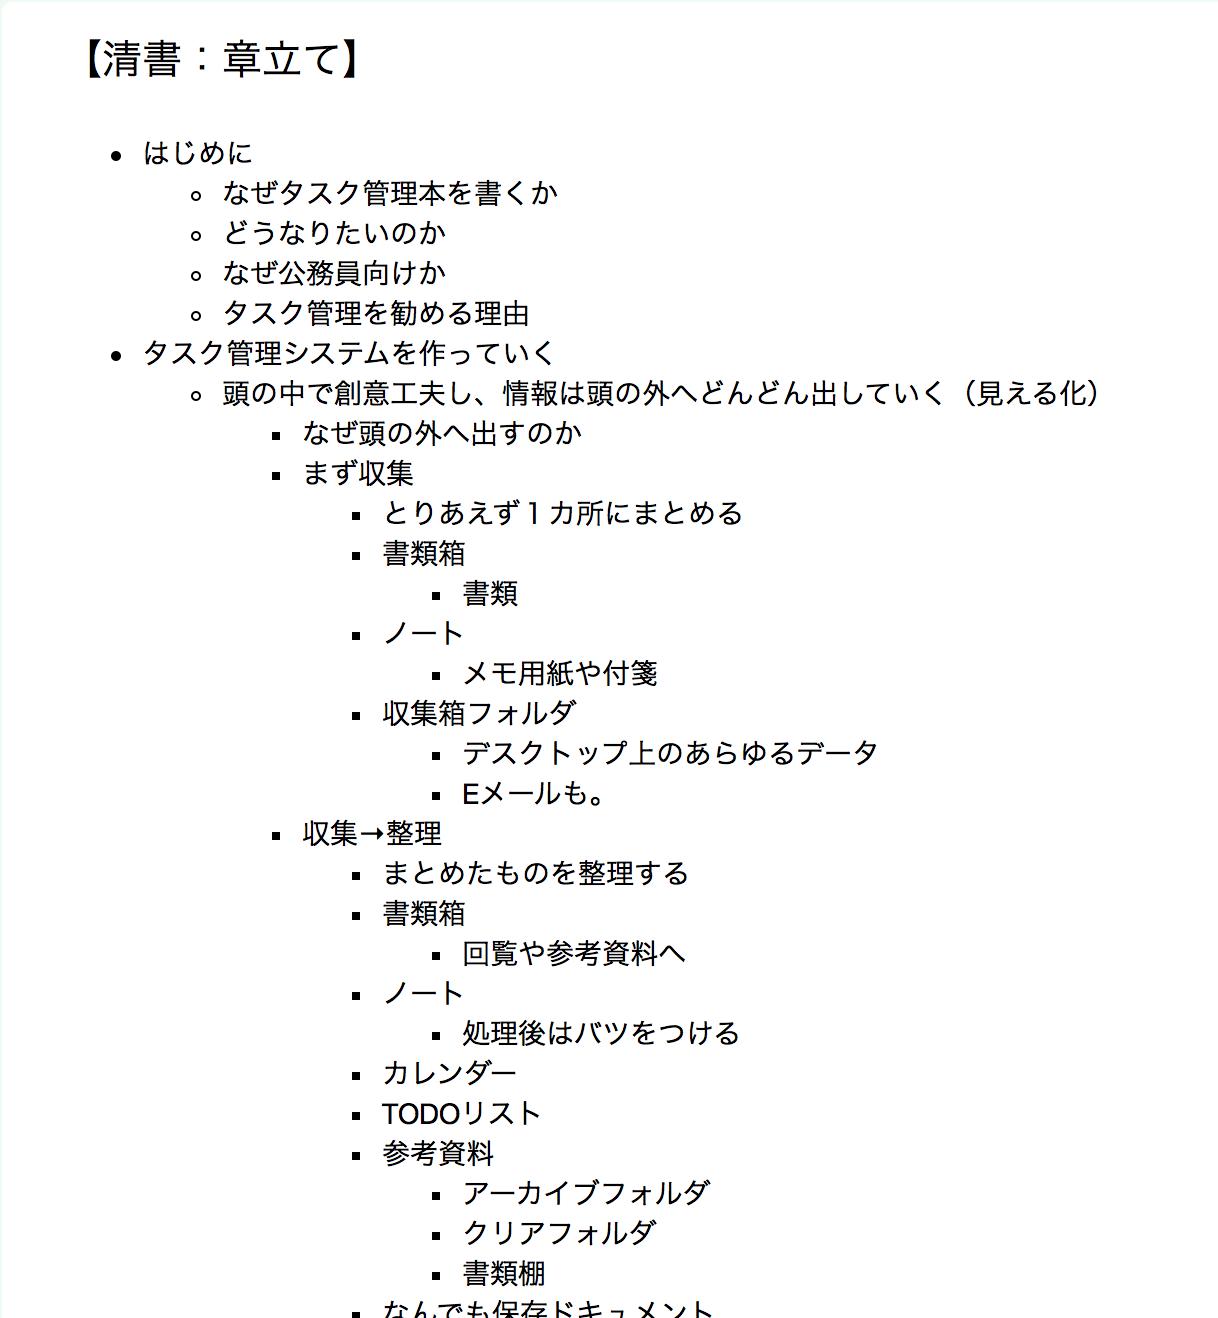 スクリーンショット 2014-12-09 21.11.23